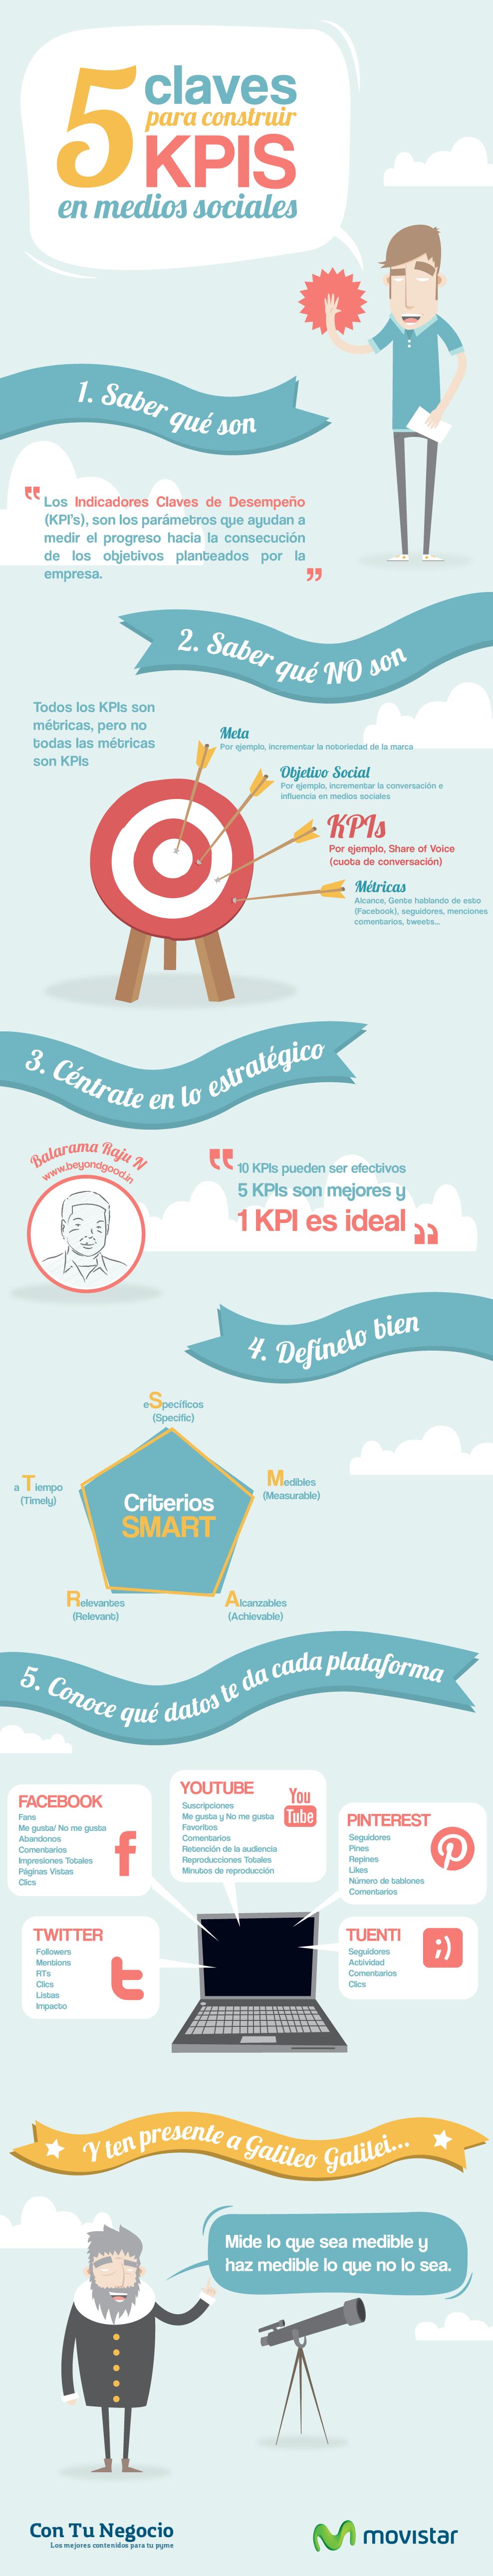 5 claves para construir KPIs en redes sociales [INFOGRAFIA]